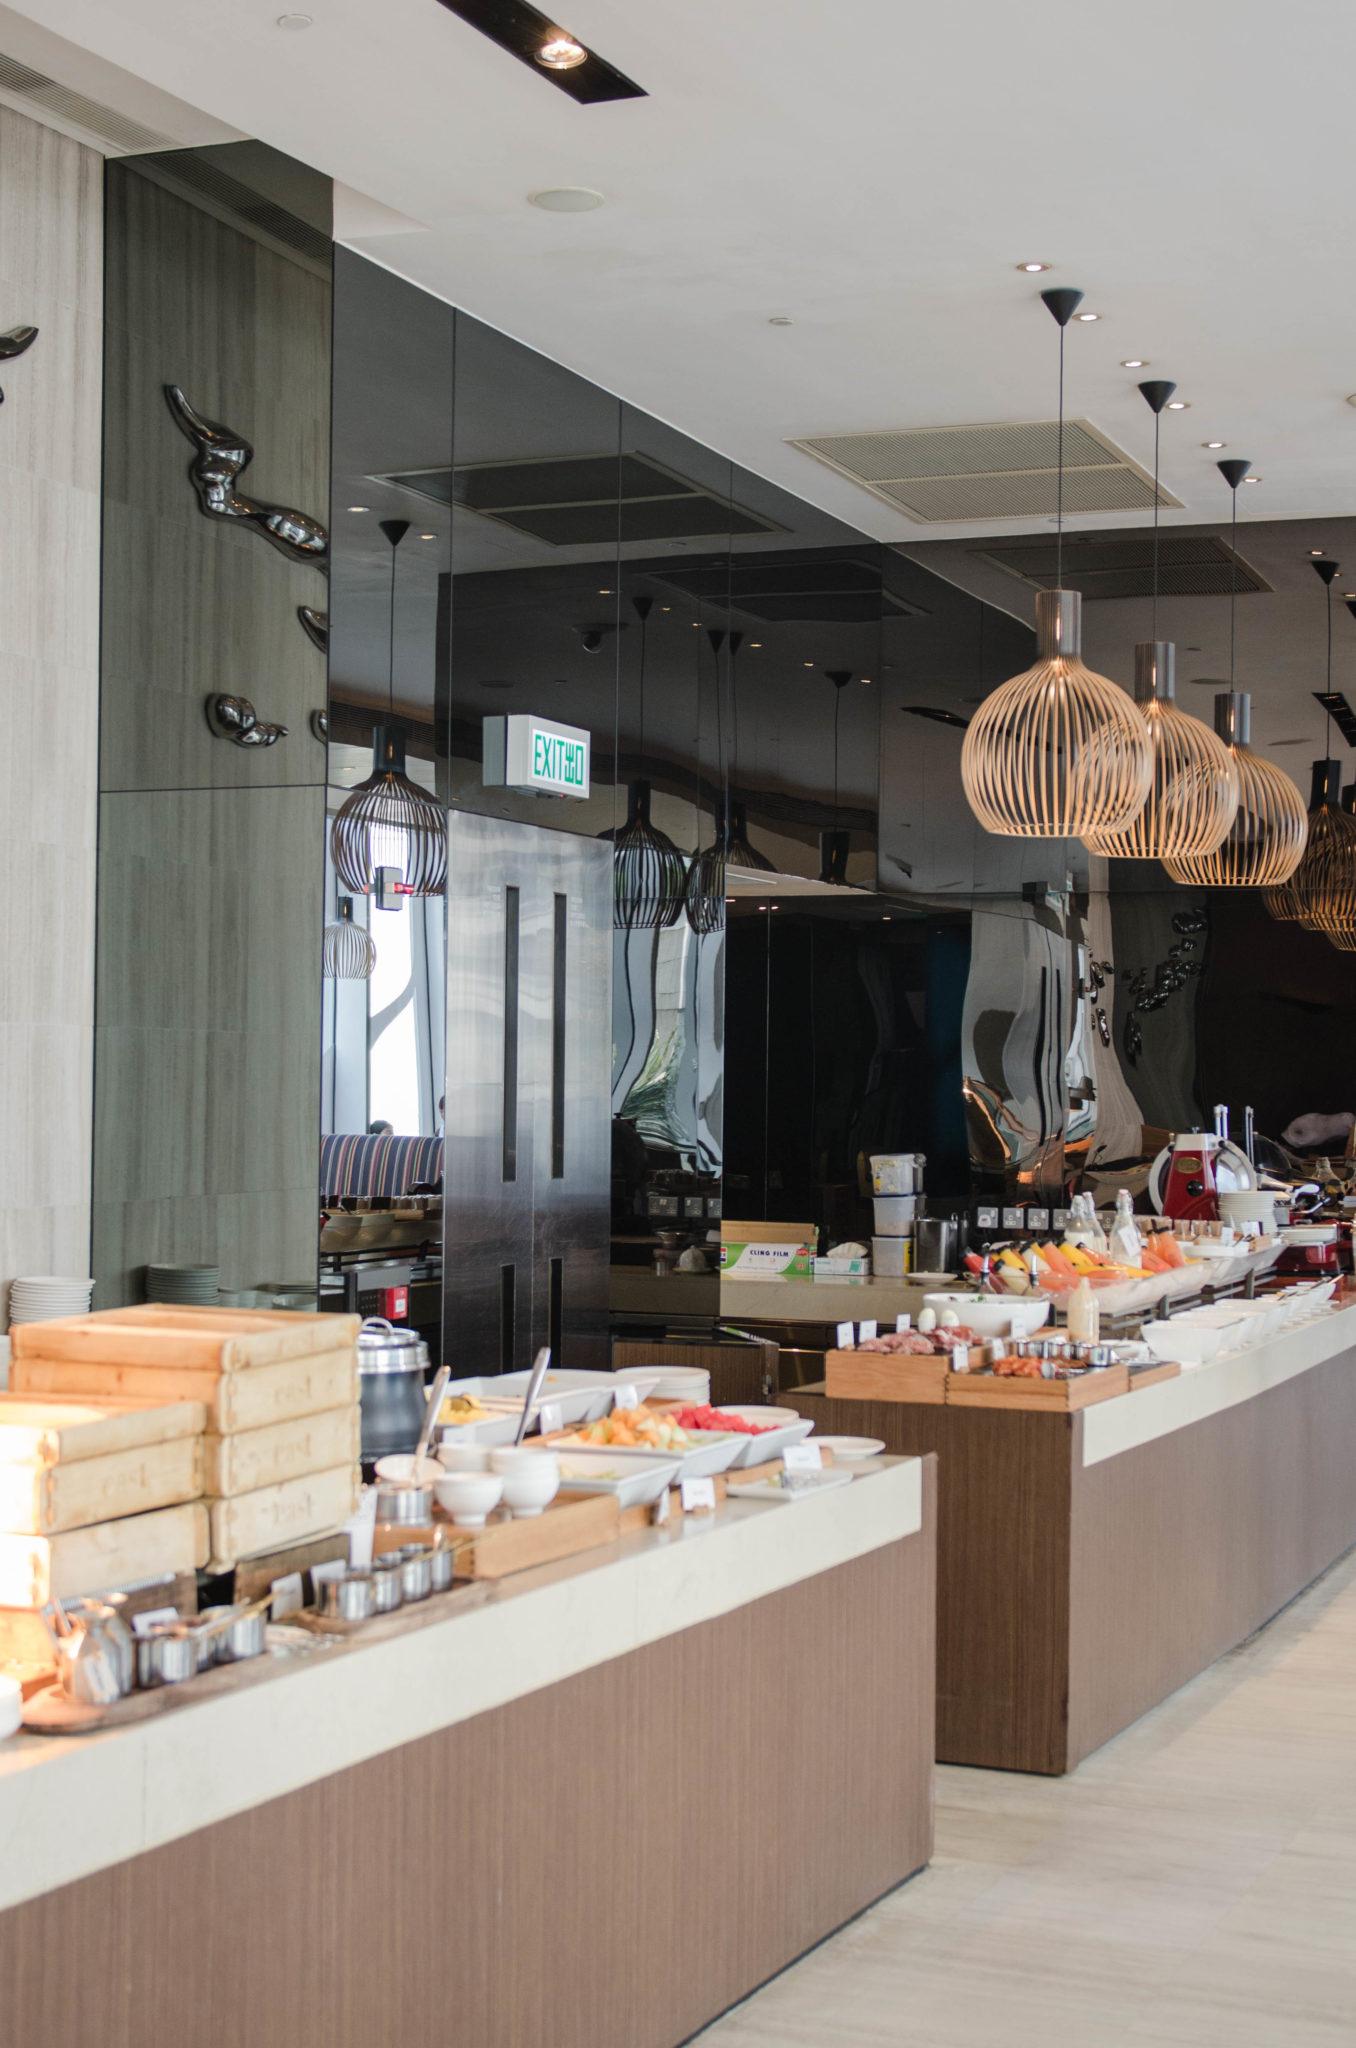 Hotel EAST Hong Kong: Ein modernes Hotel mit schickem Design